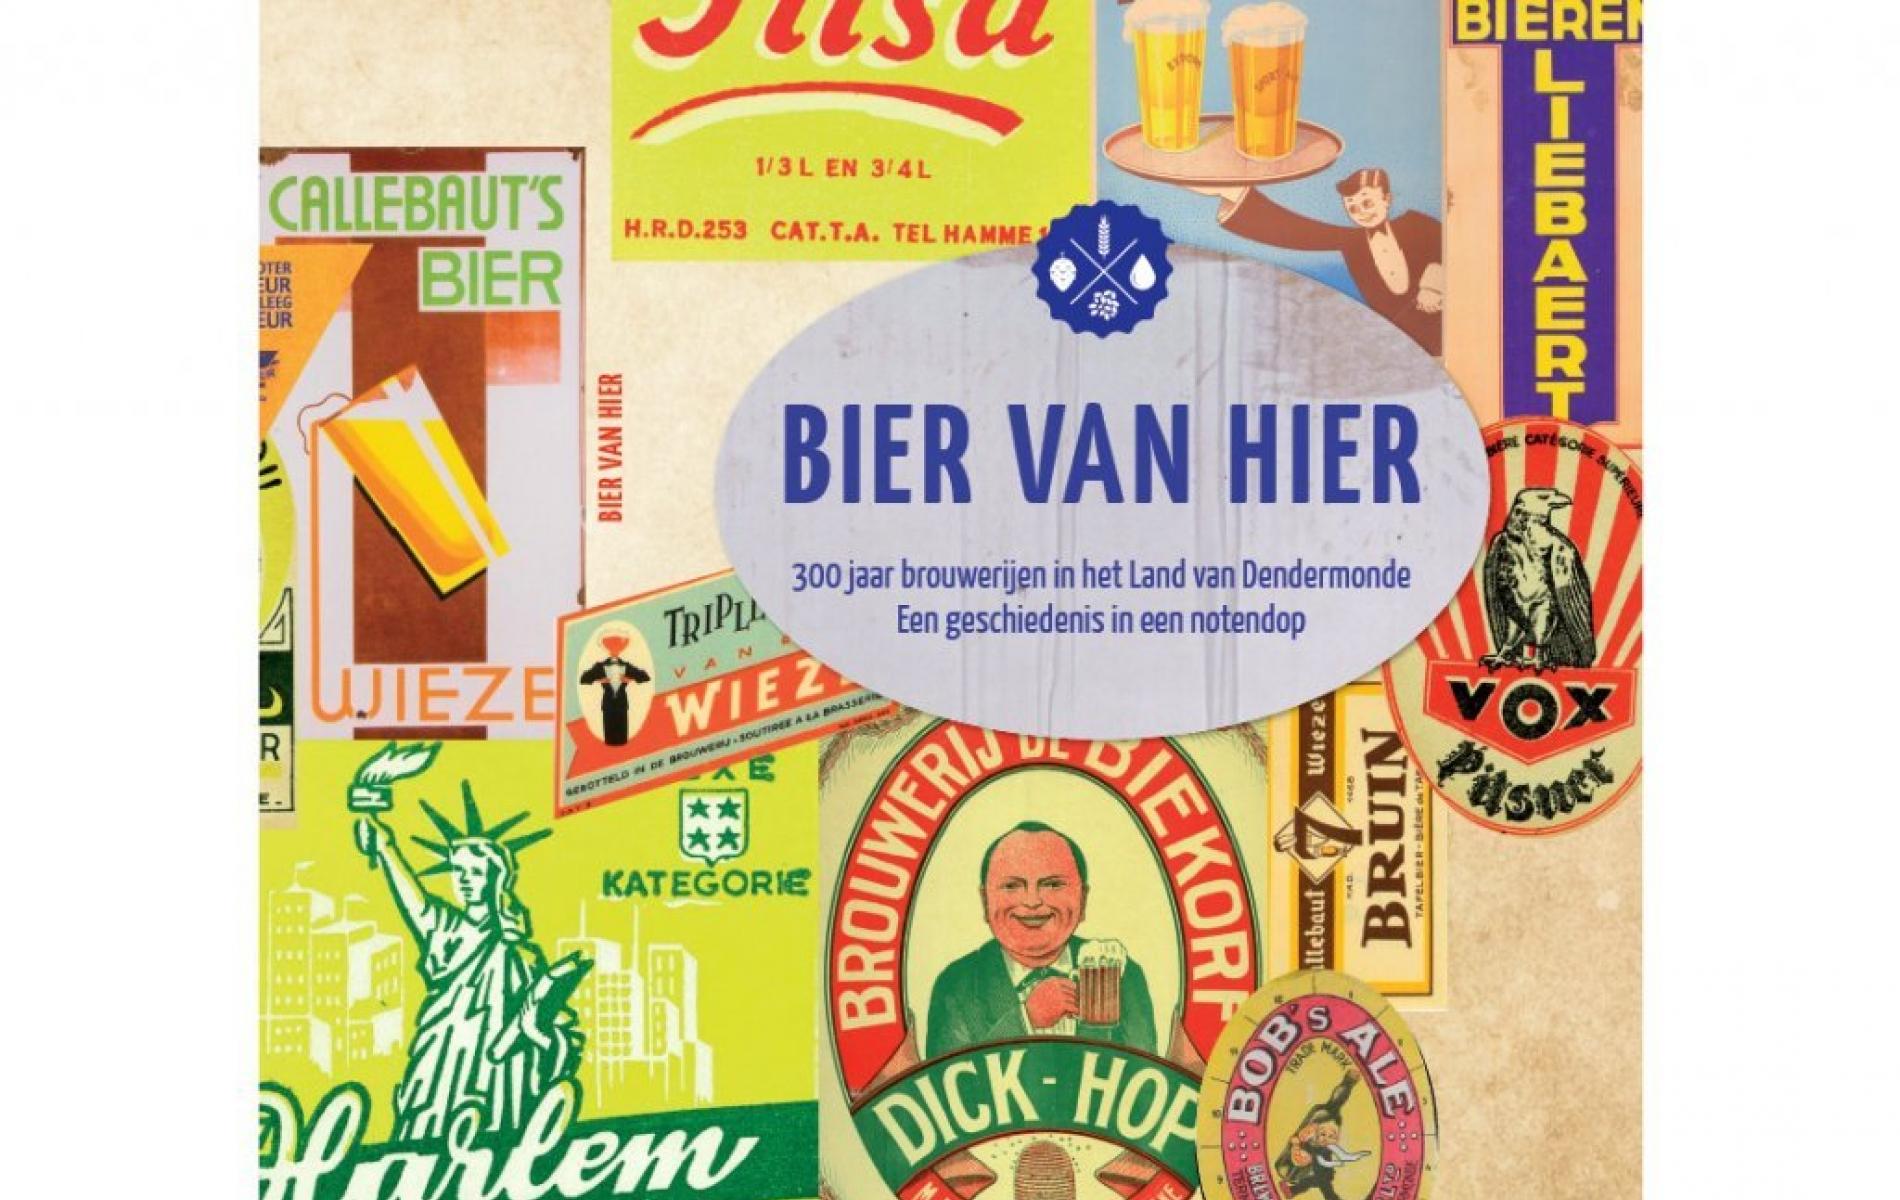 Bier van Hier